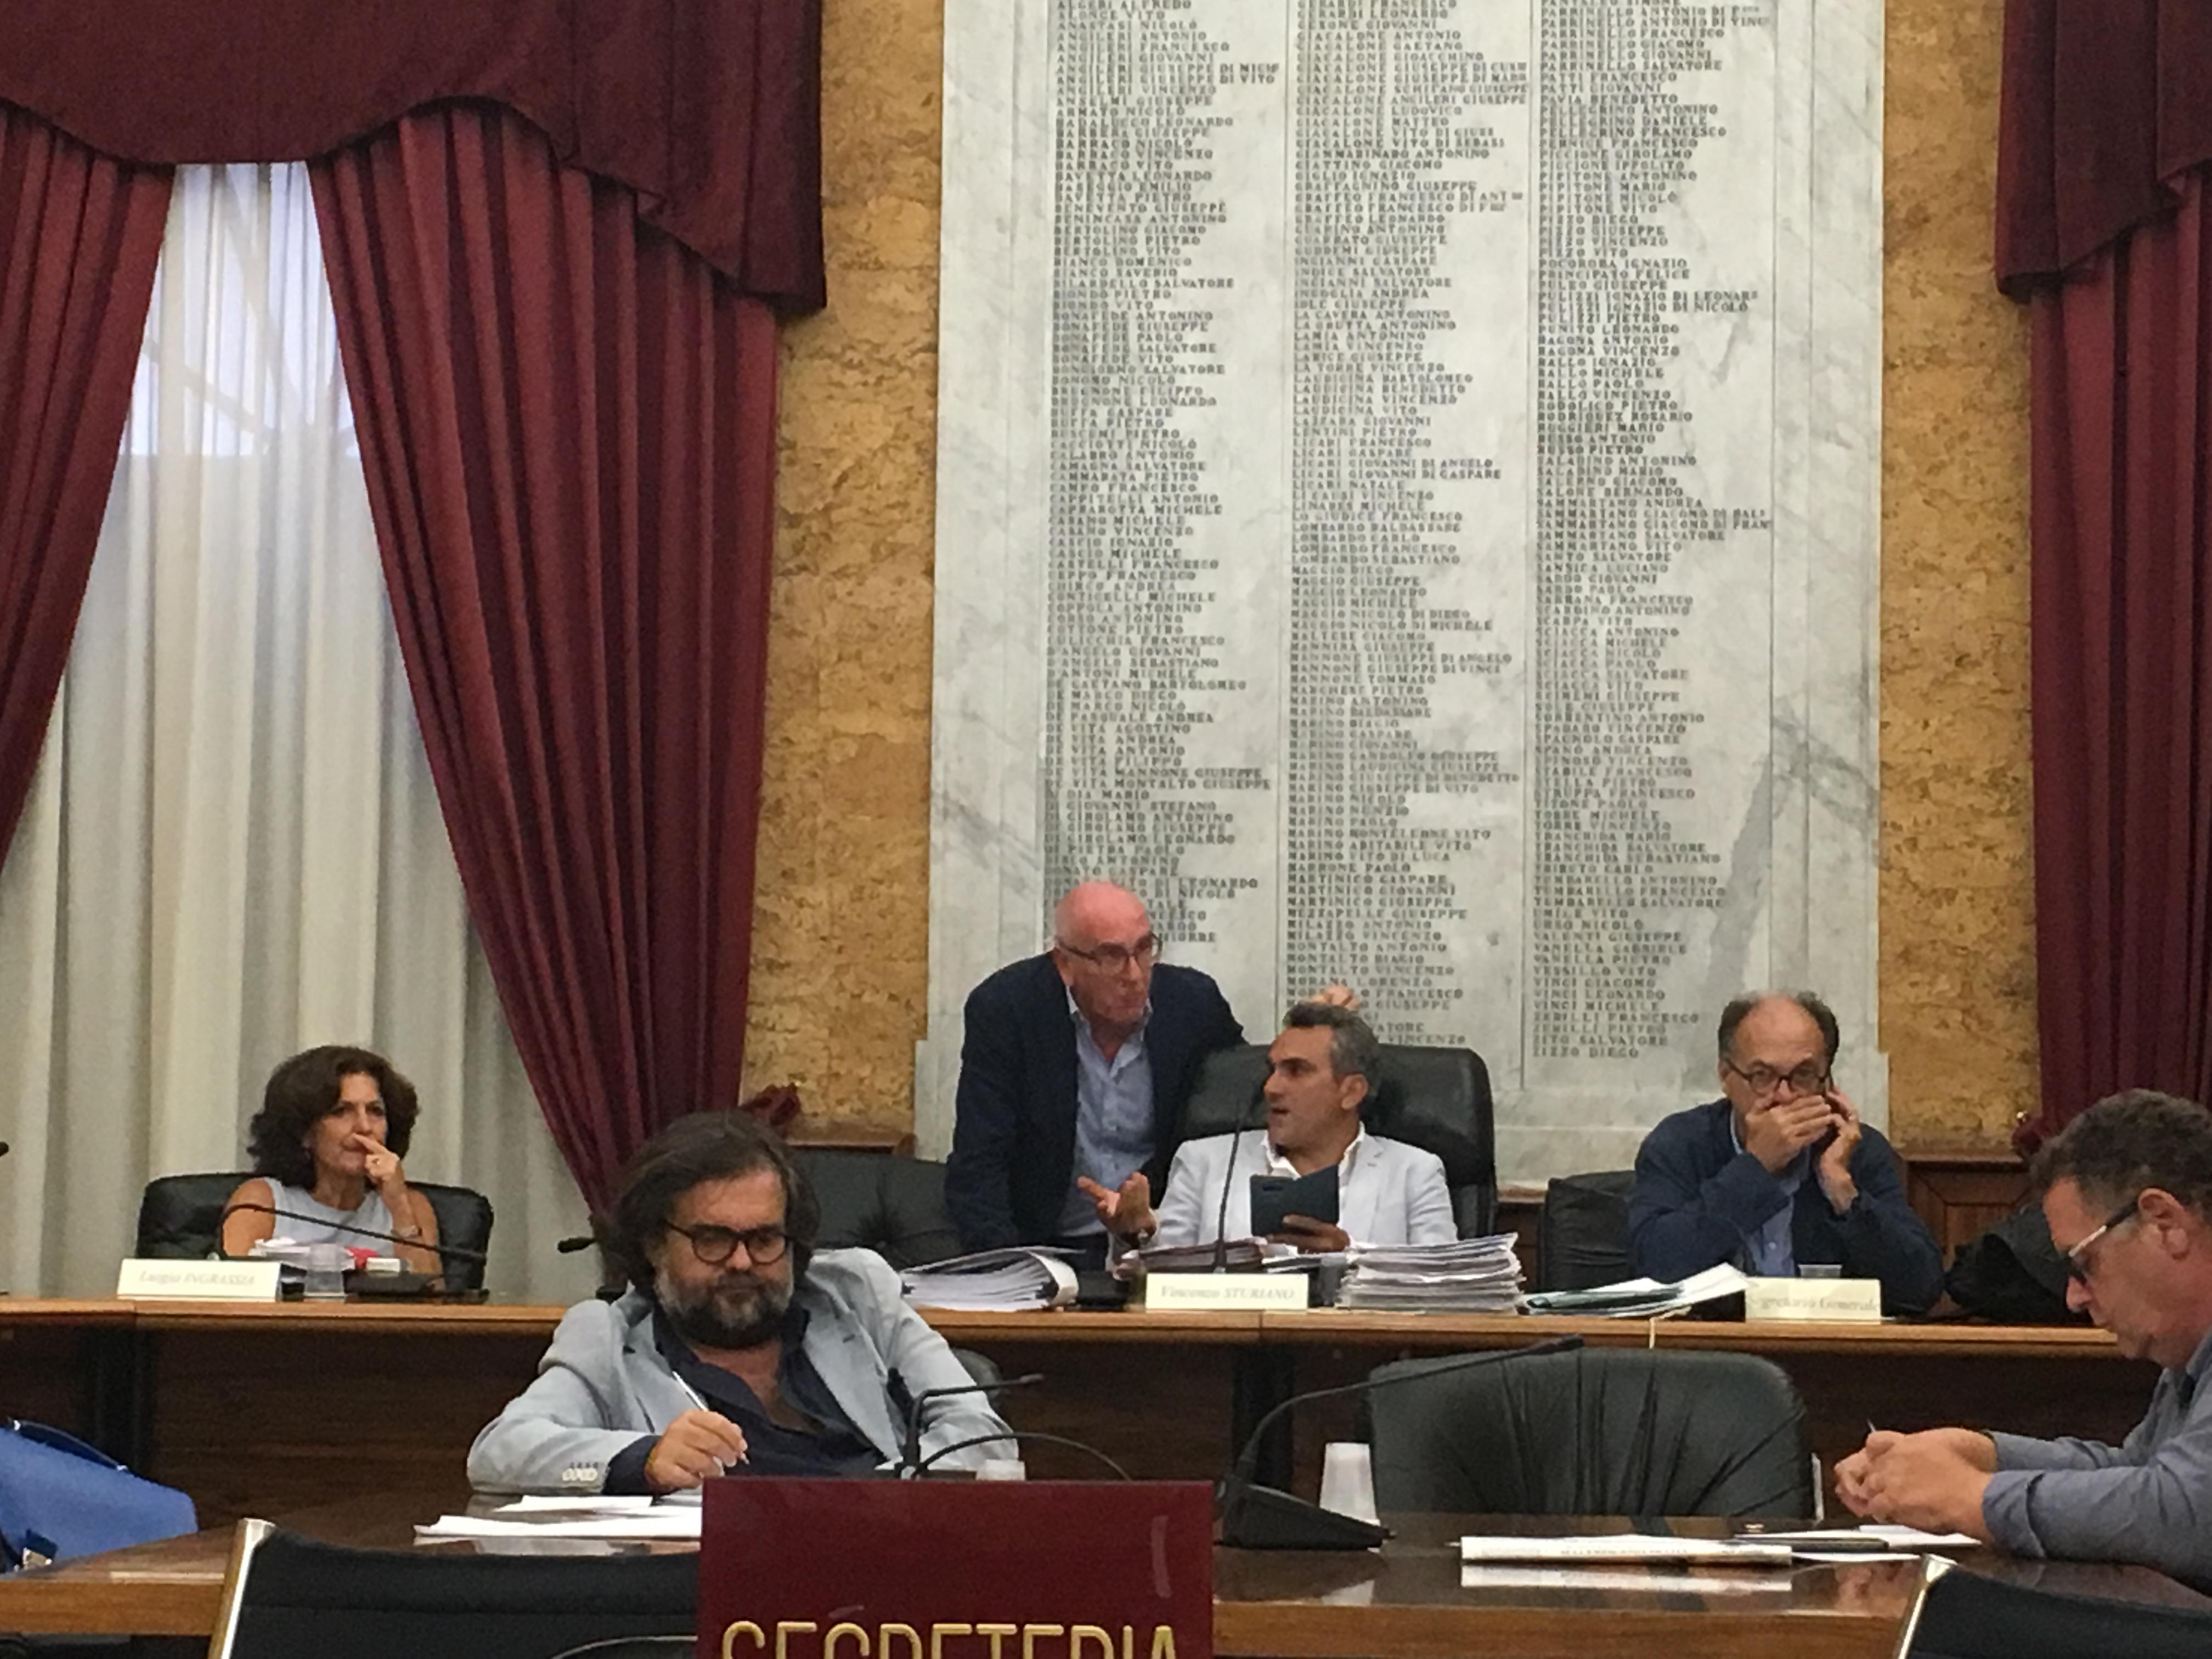 Il Consiglio comunale di Marsala ha approvato il Piano delle dismissioni e un atto d'indirizzo correlato